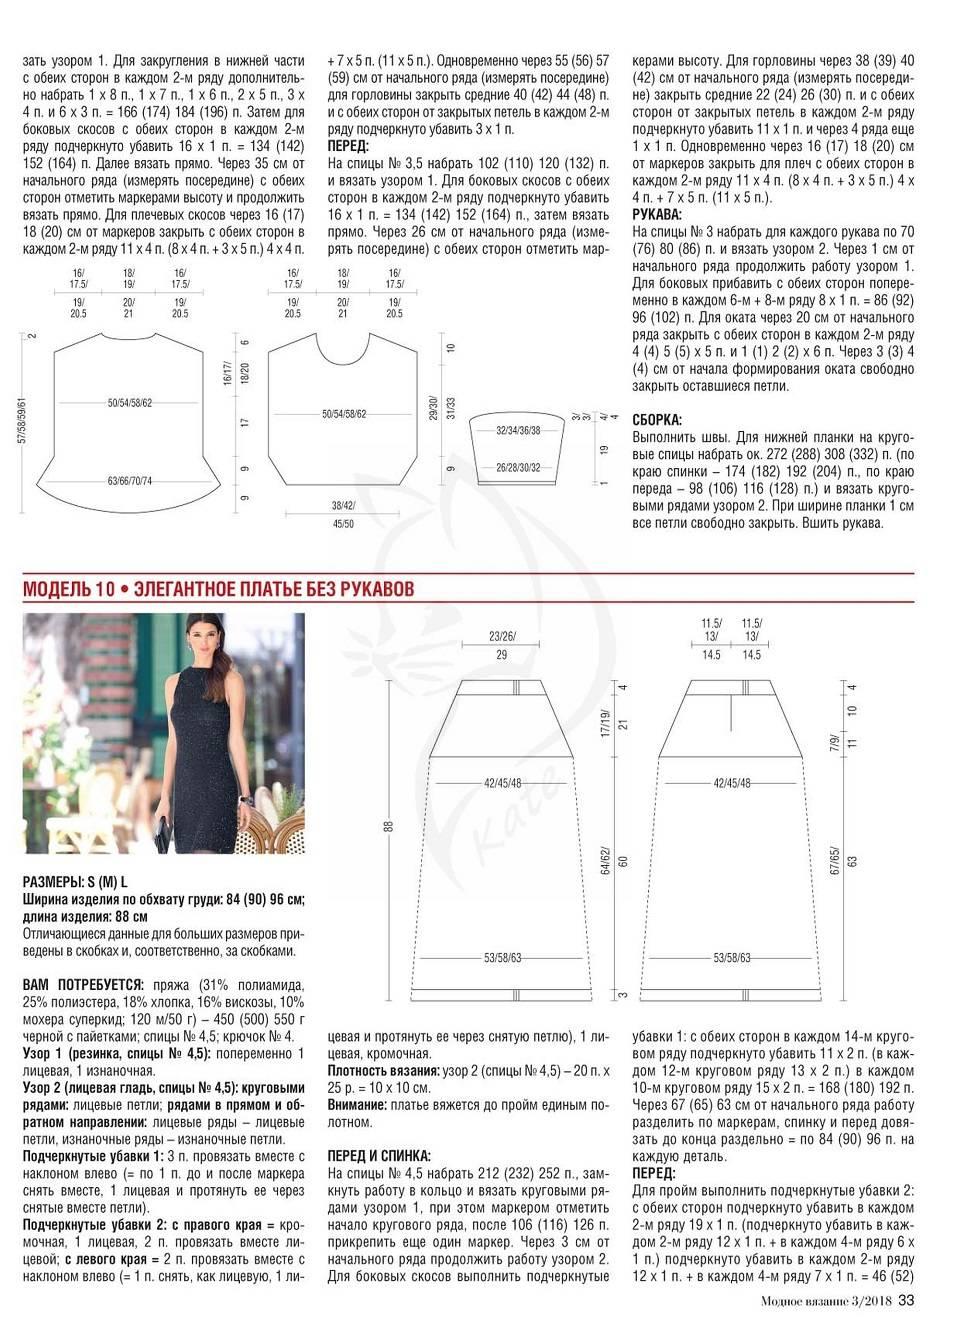 Джемпер женский спицами схемы и описание 2018 (фото 19)